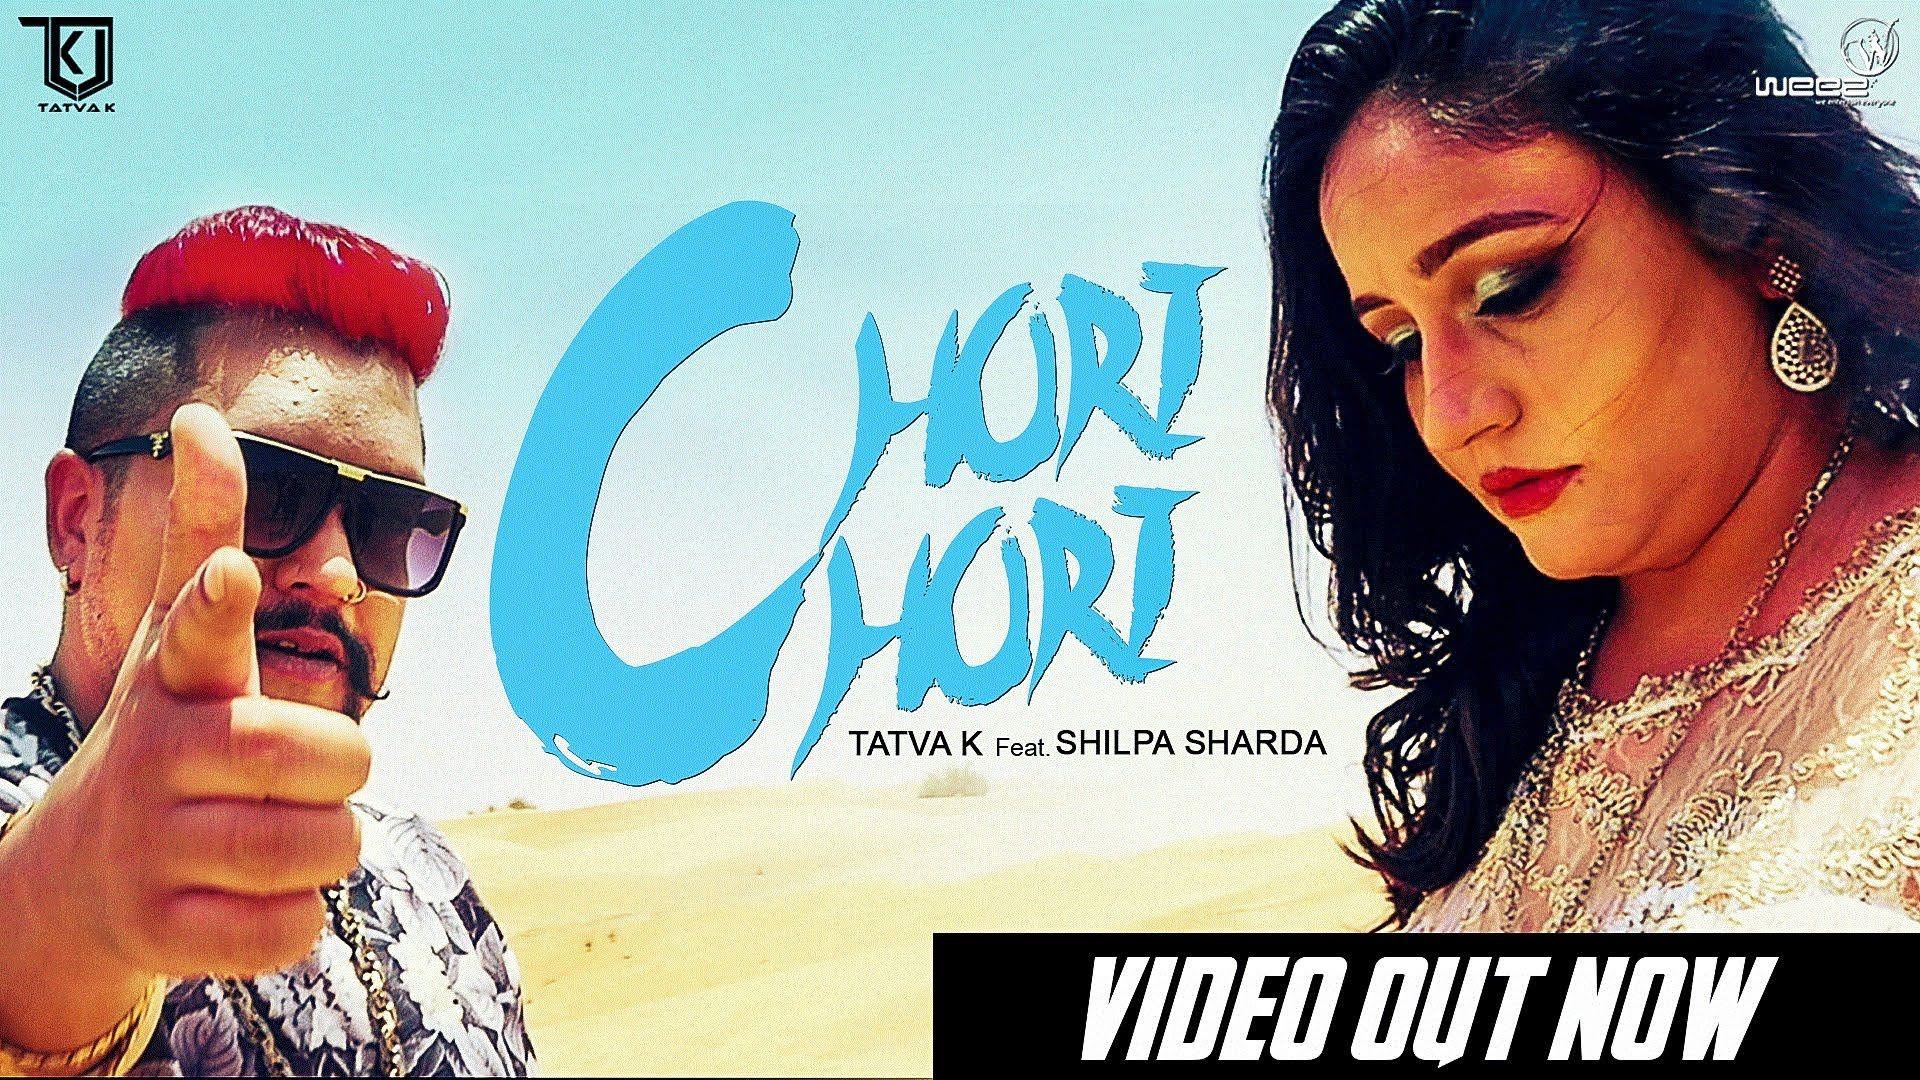 Chori Chori Tatva K Feat Shilpa Sharda Song Chori Chori Singer